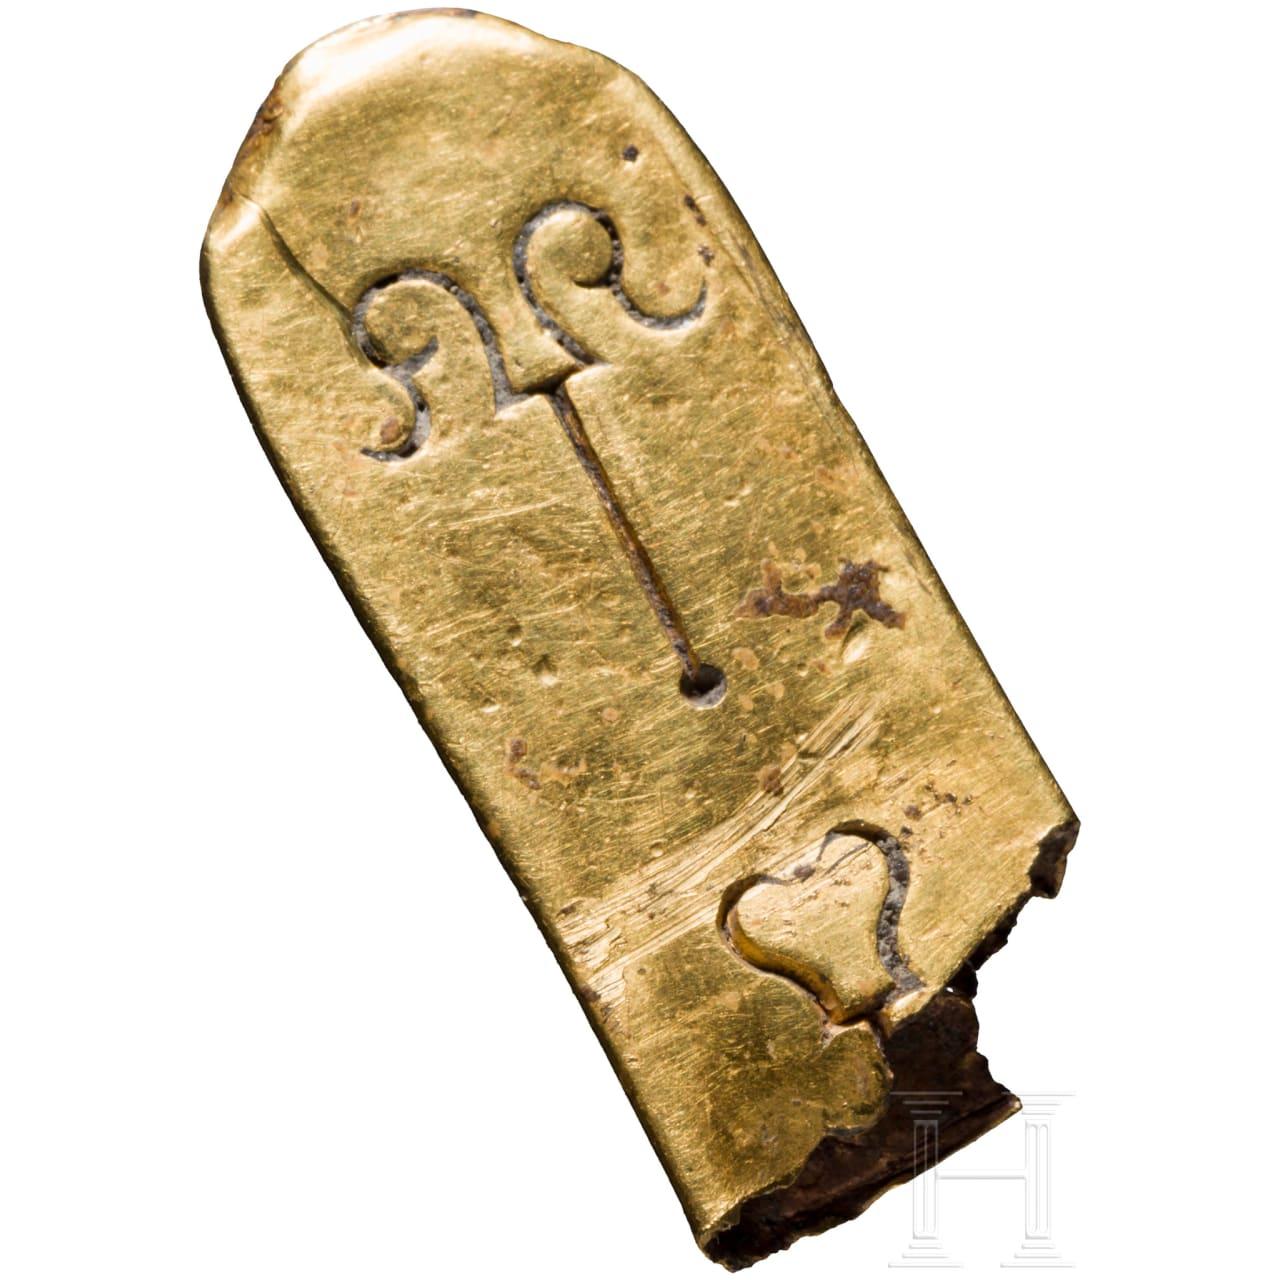 Goldene Riemenzunge, frühbyzantinisch, 6. - 7. Jhdt.